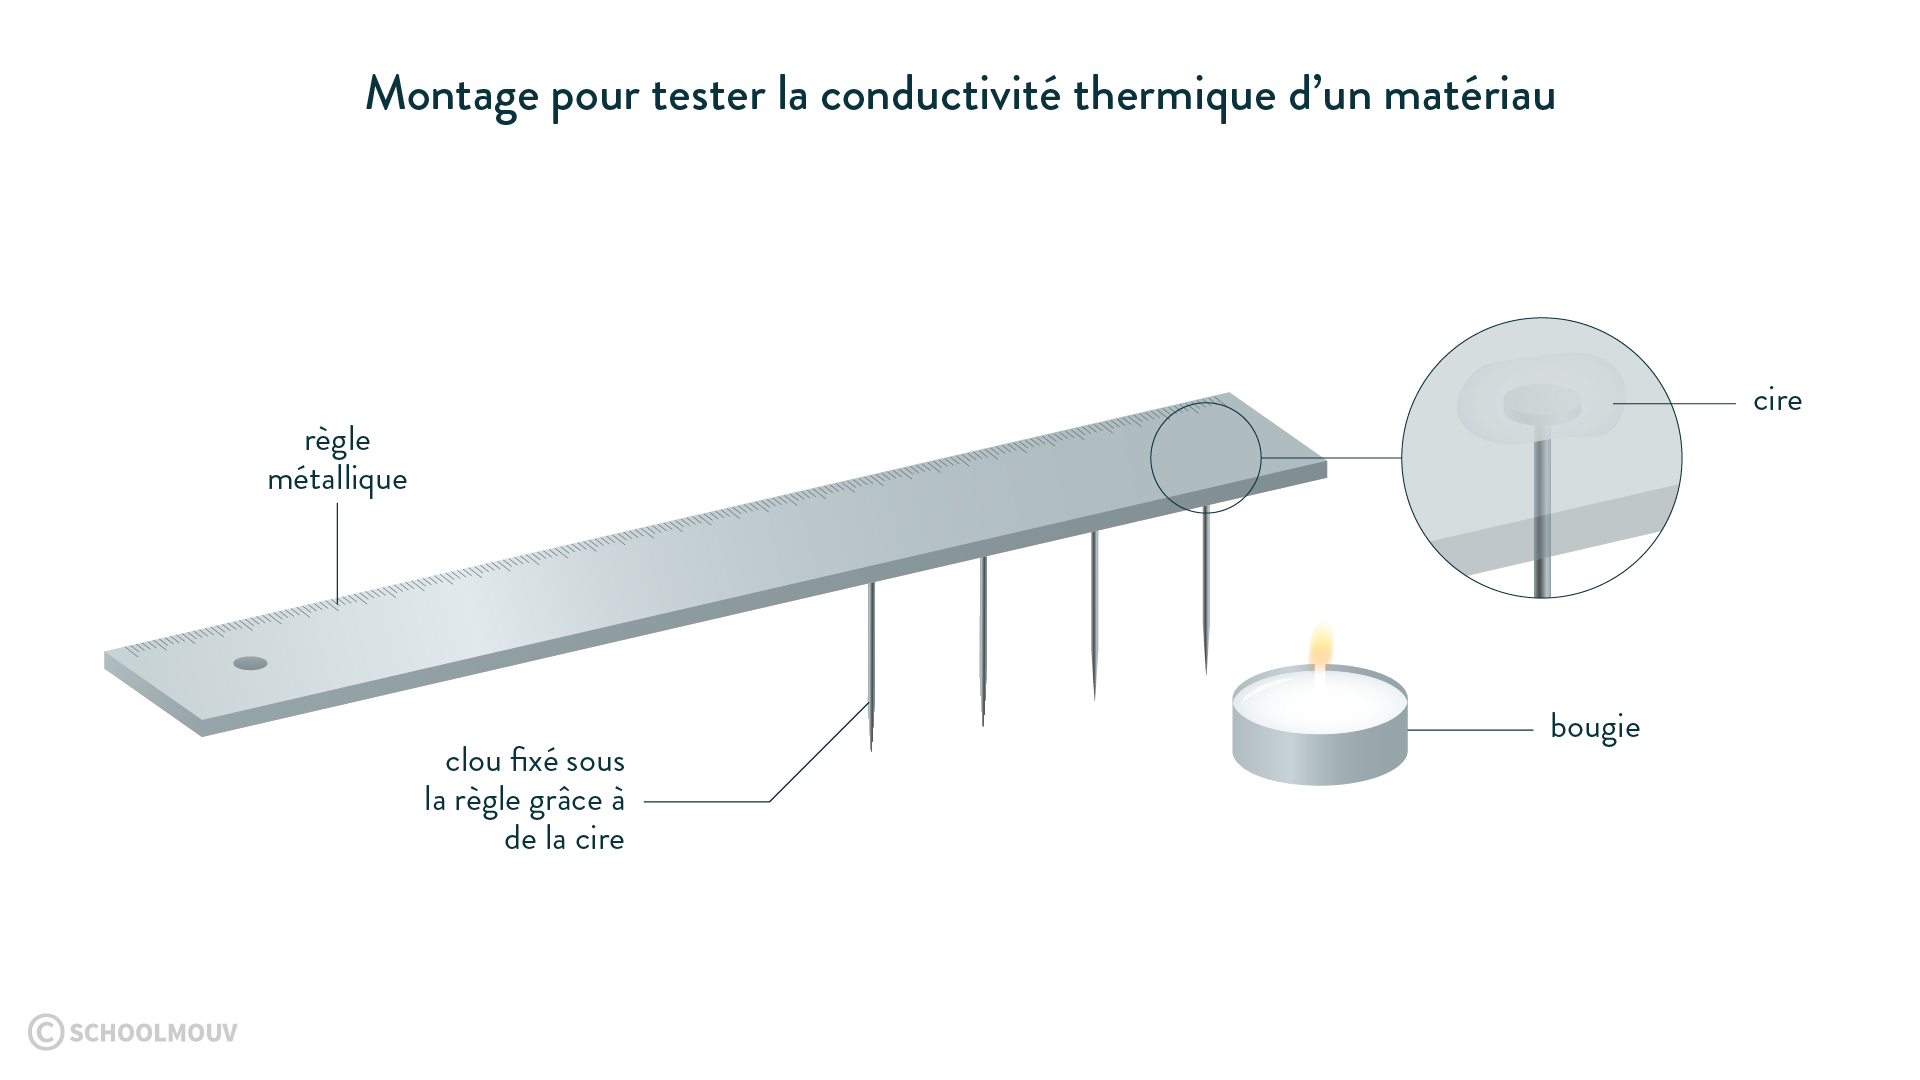 Montage pour tester la conductivité thermique d'un matériau physique chimie 6eme schoolmouv